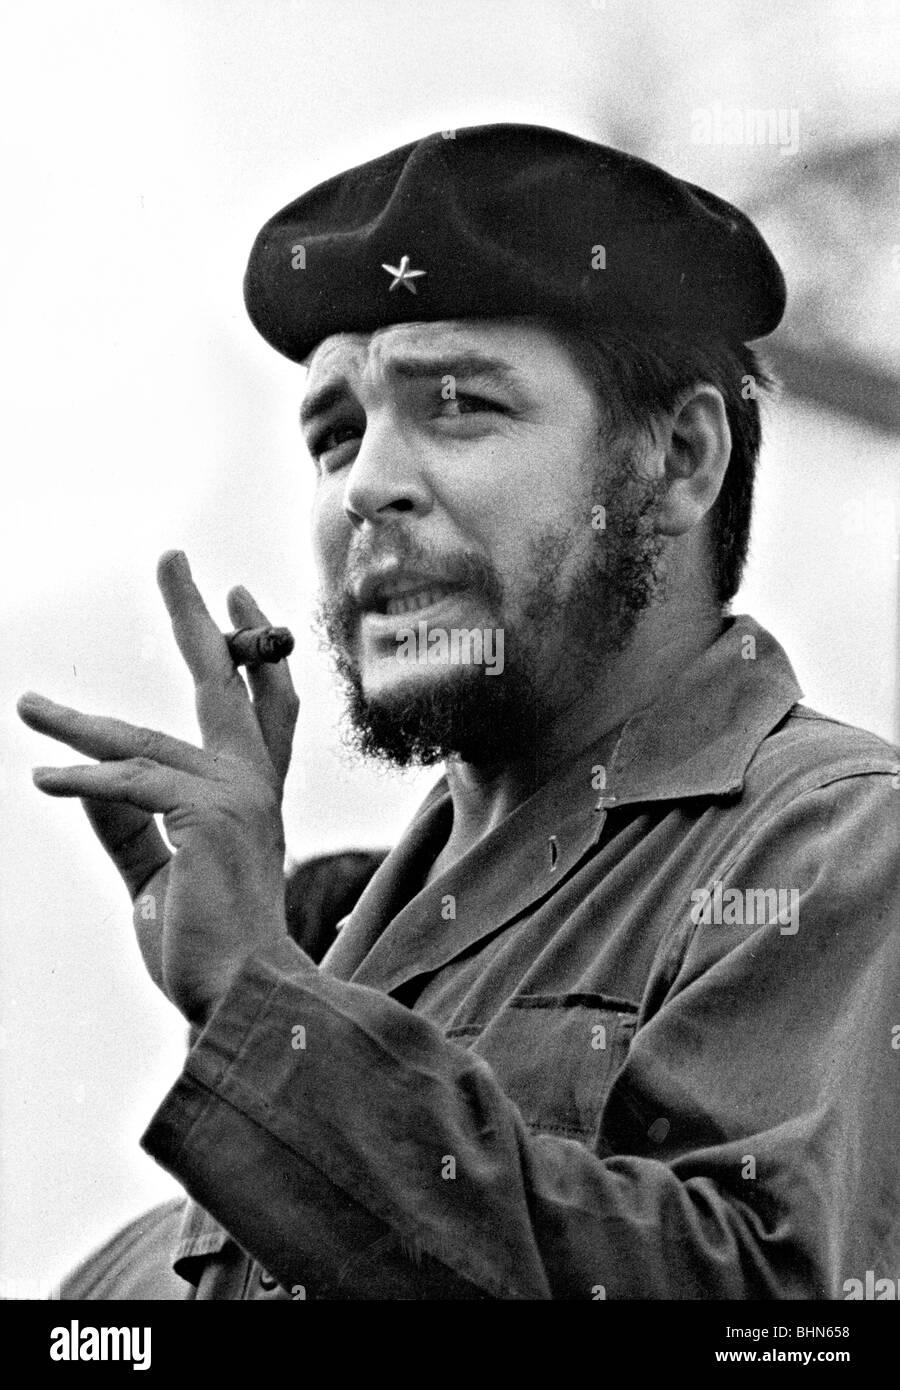 CHE GUEVARA AVEC CIGARE DANS LA HAVANE, CUBA 1961 Photo par Roberto Salas Photo Stock